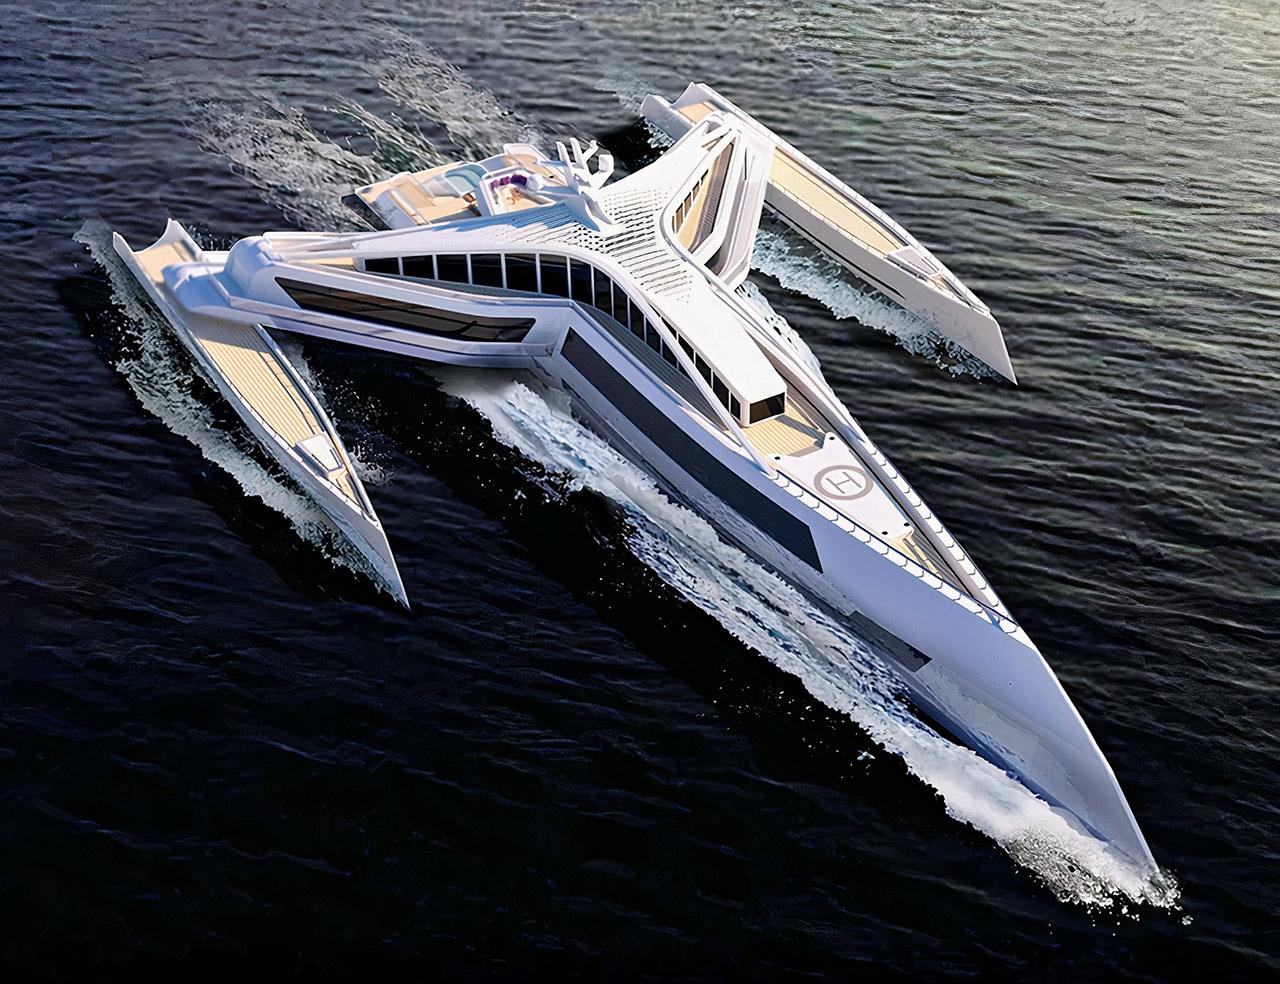 Star Wars Estrella Superyacht Y-Wing